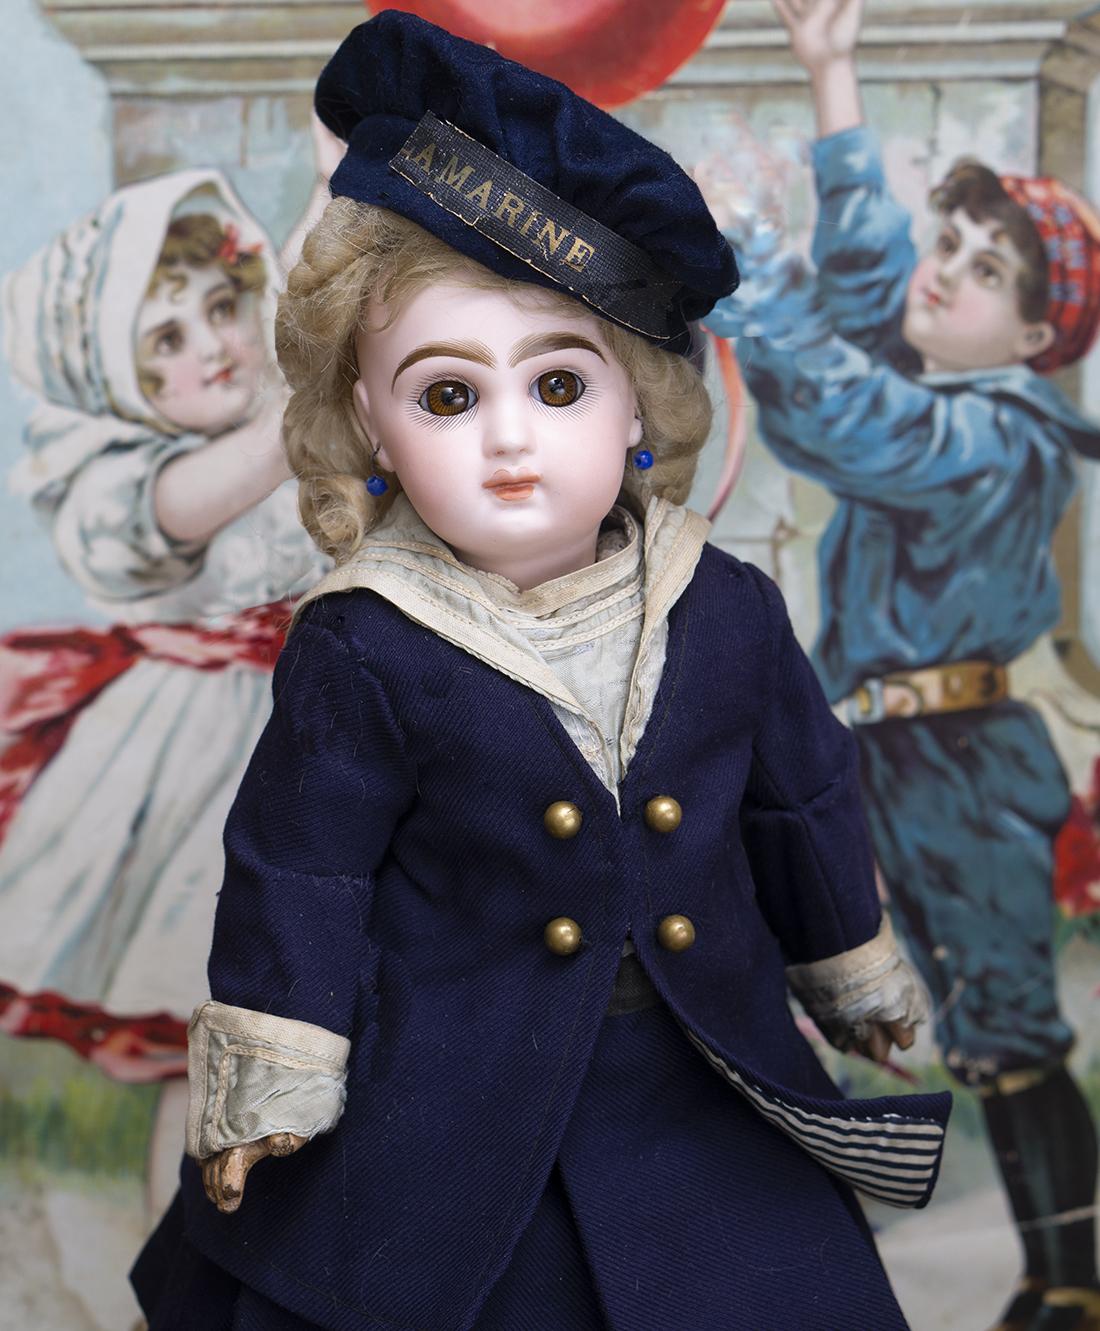 34 см Французская кукла Вebe Jumeau в оригинальном морском костюме, рекламная модель